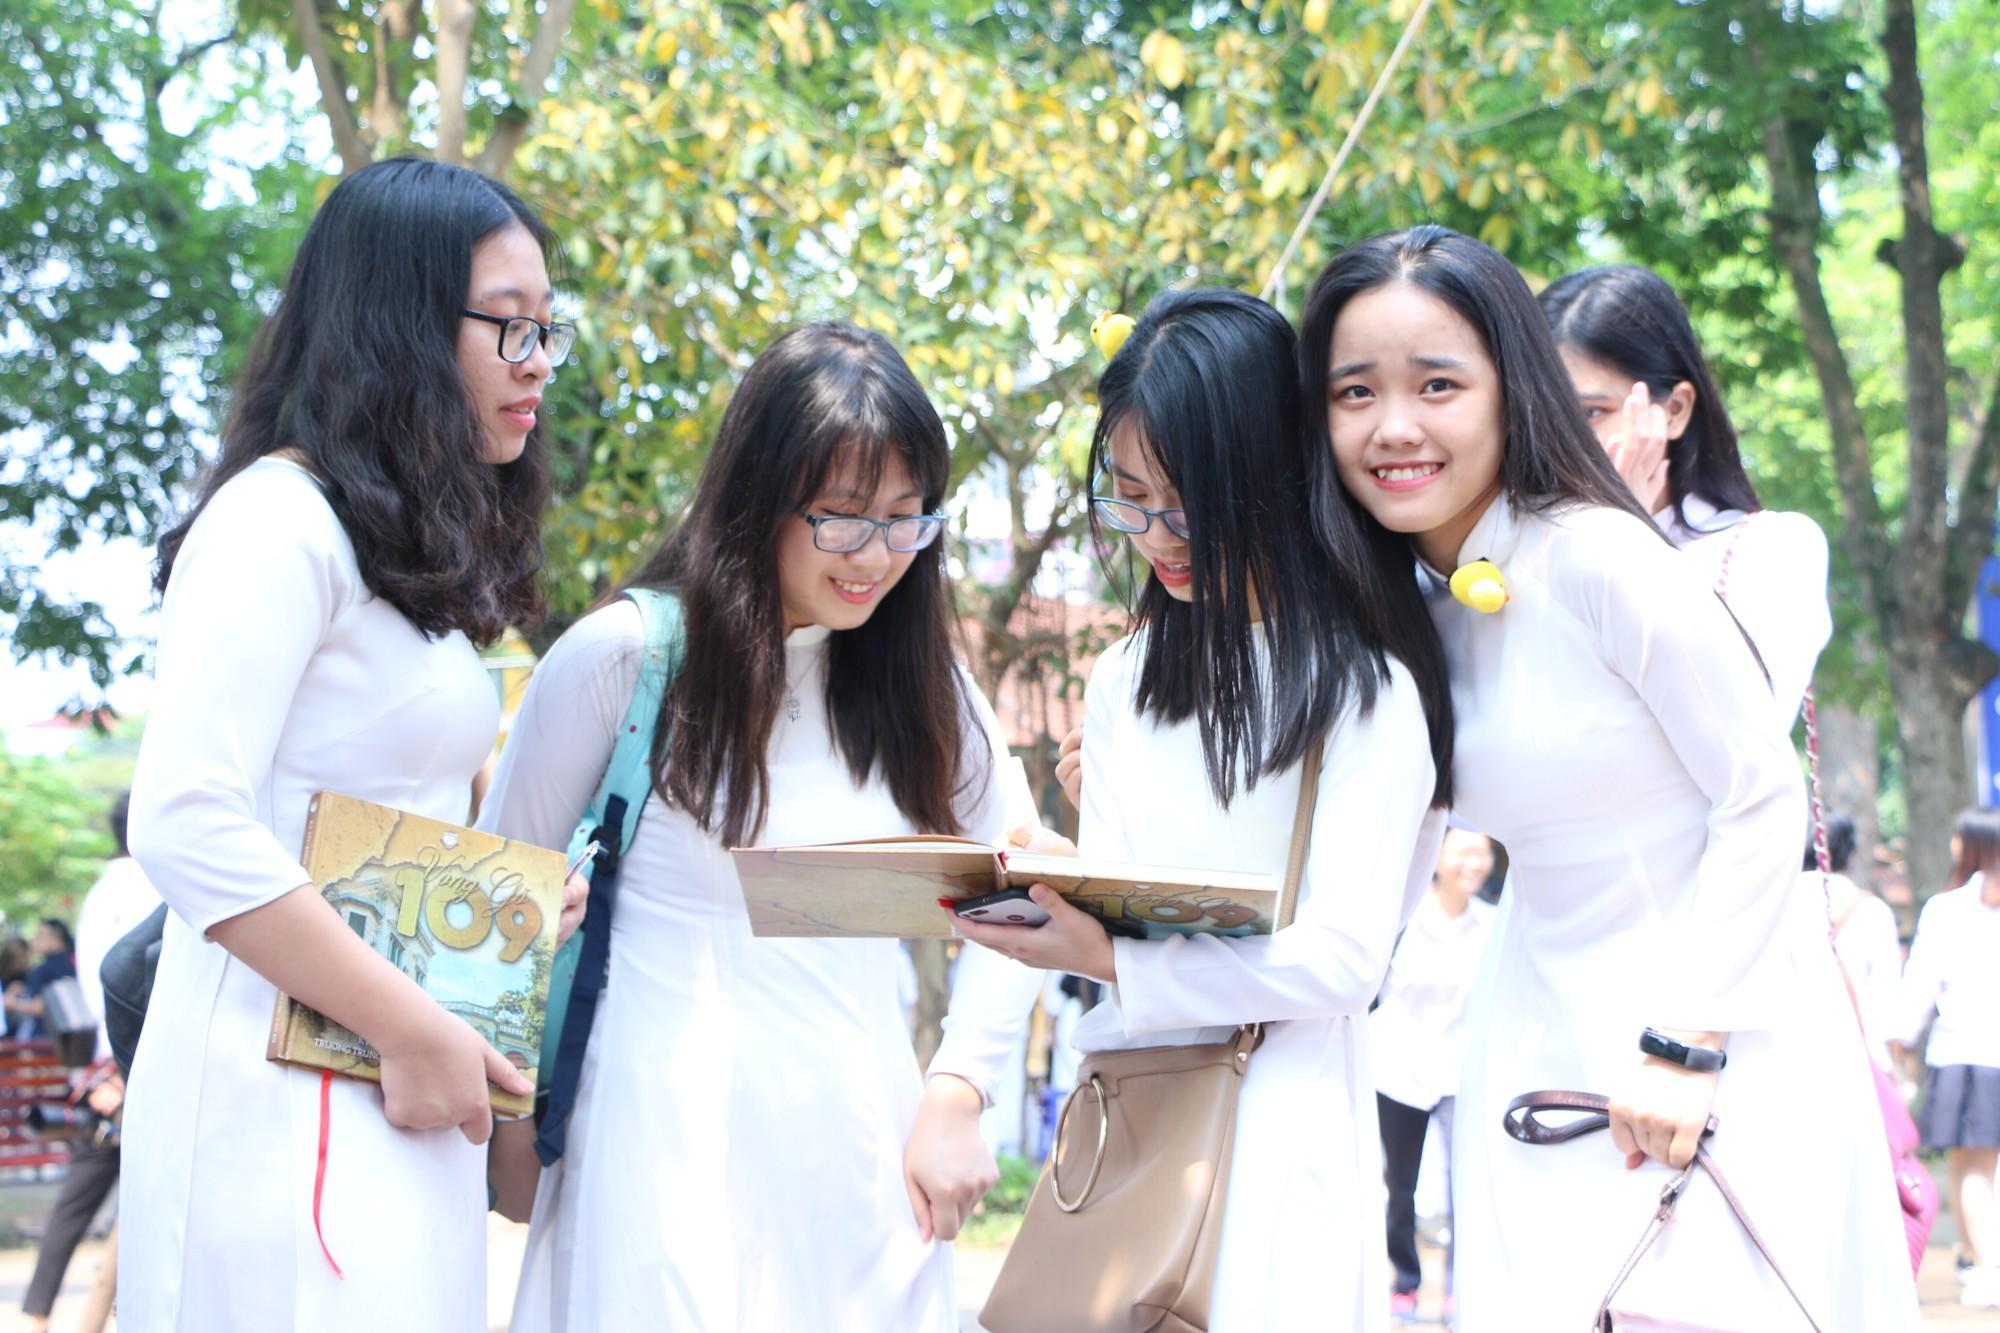 Ngắm nữ sinh Trường Chu Văn An duyên dáng, đẹp tinh khôi trong ngày bế giảng - Ảnh 15.